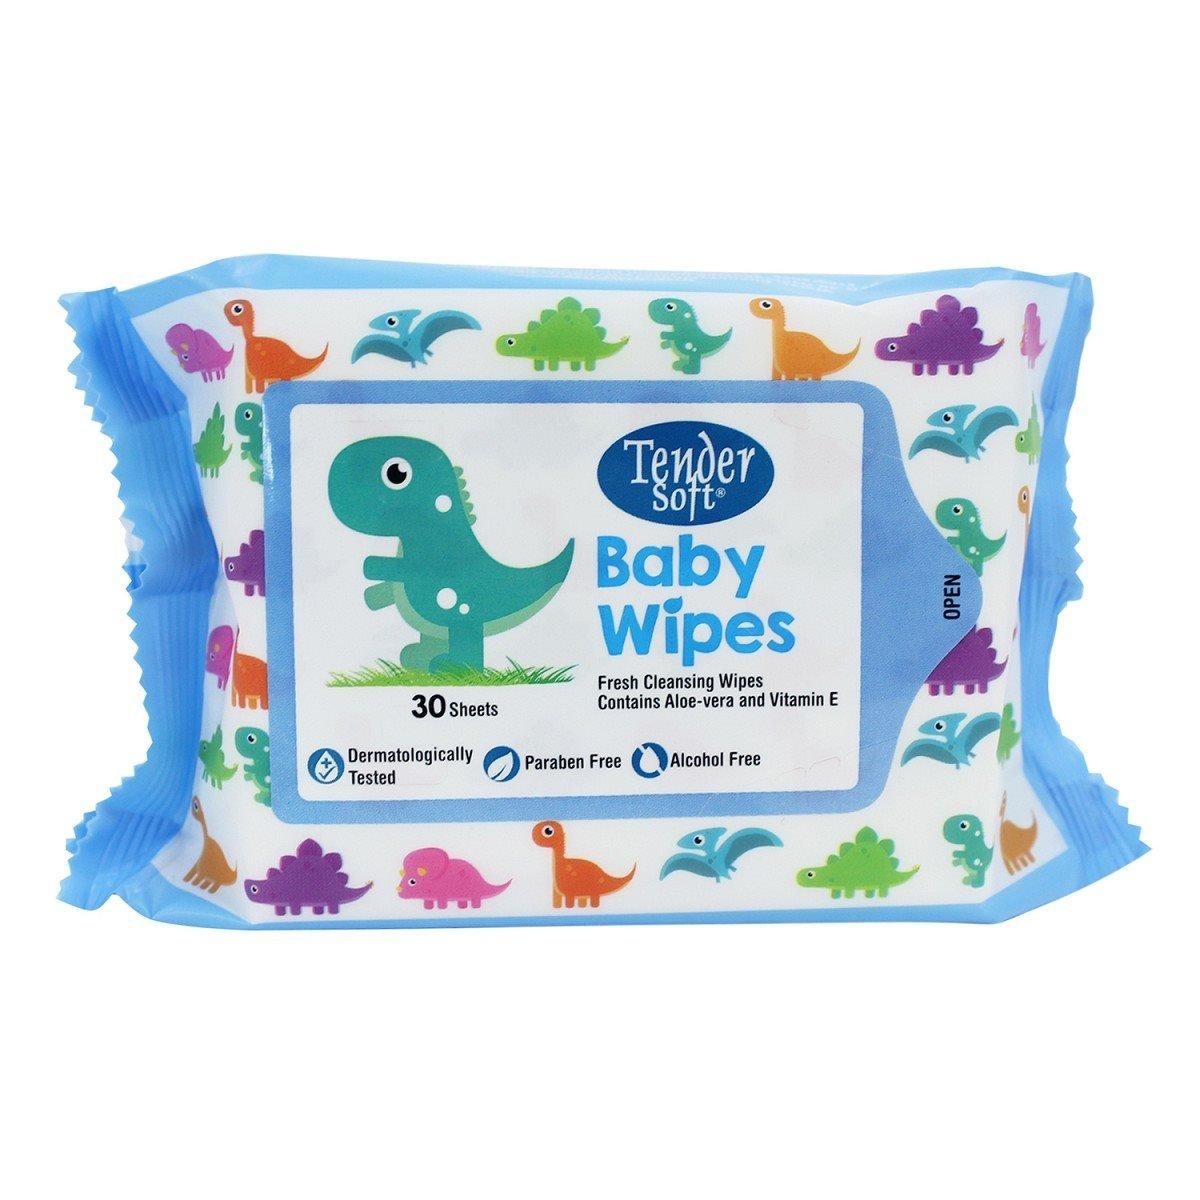 Khăn Ướt Tendersoft Baby Wipes 80 Tờ (Xanh) - 03413876,261_1006565571,37900,aeoneshop.com,Khan-Uot-Tendersoft-Baby-Wipes-80-To-Xanh-261_1006565571,Khăn Ướt Tendersoft Baby Wipes 80 Tờ (Xanh)